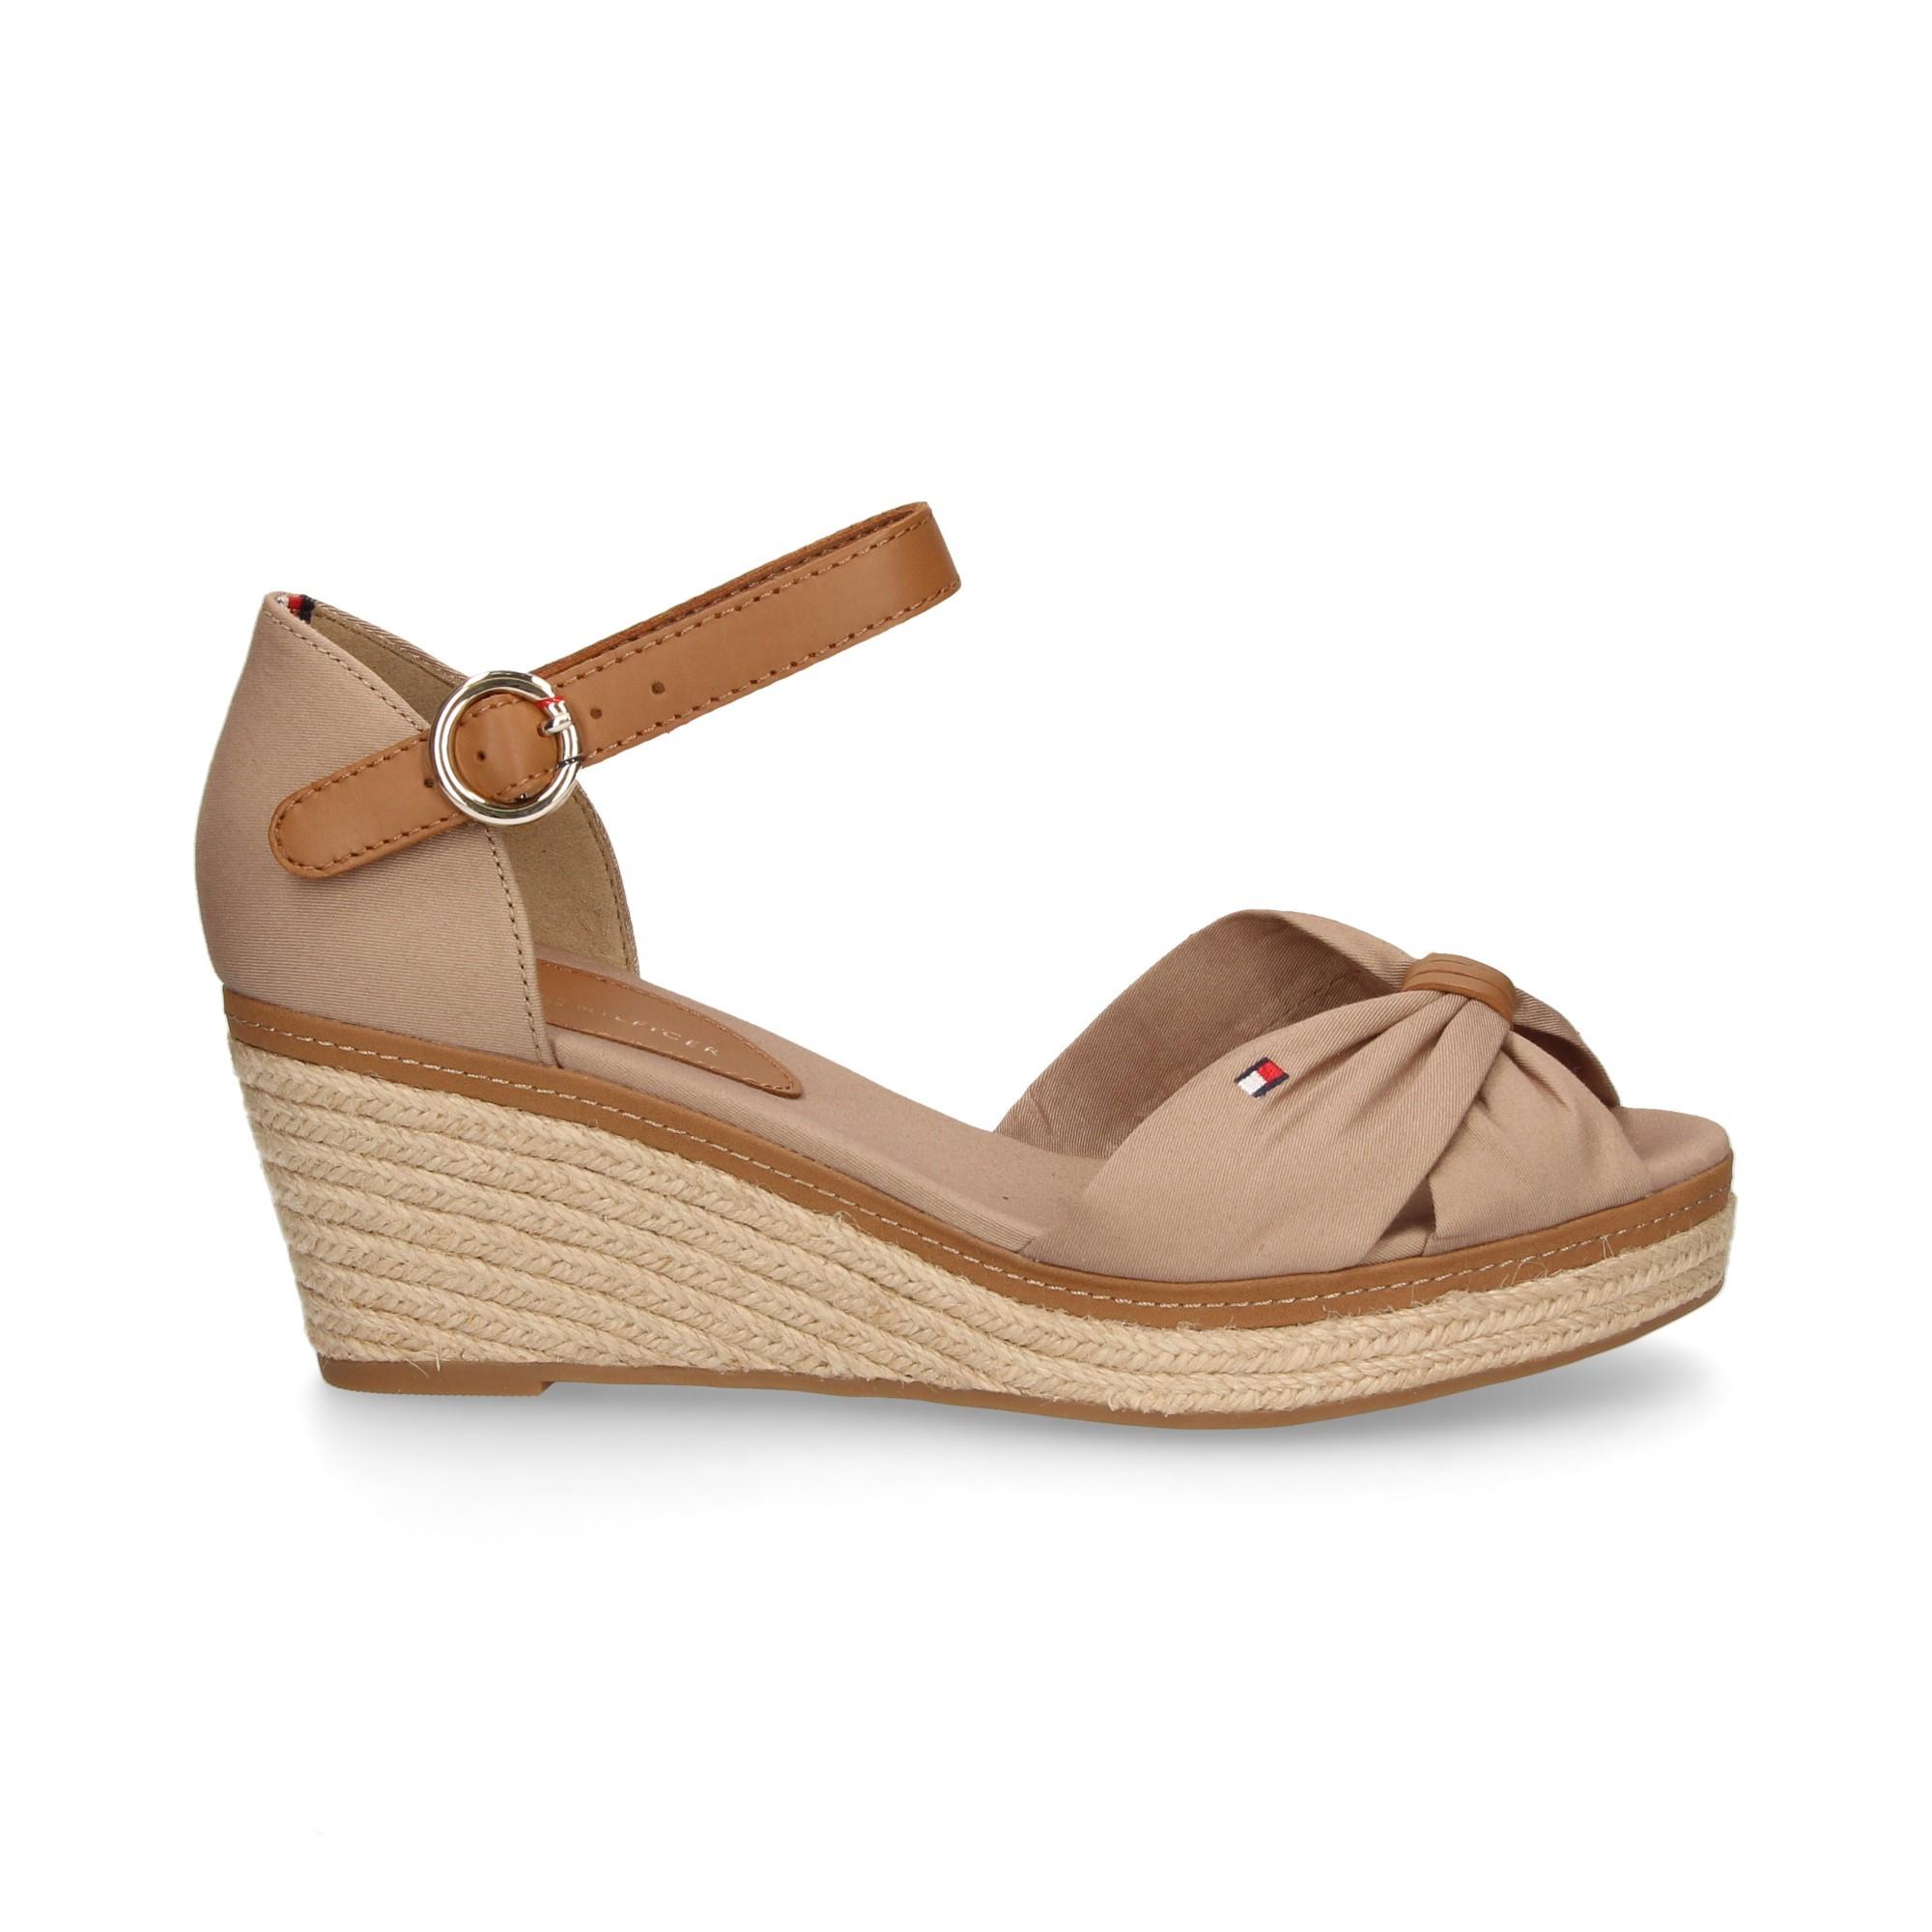 Zapatos Cuña Cobblestone Tommy 068 Hilfiger Fw00906 e9HWD2EIY